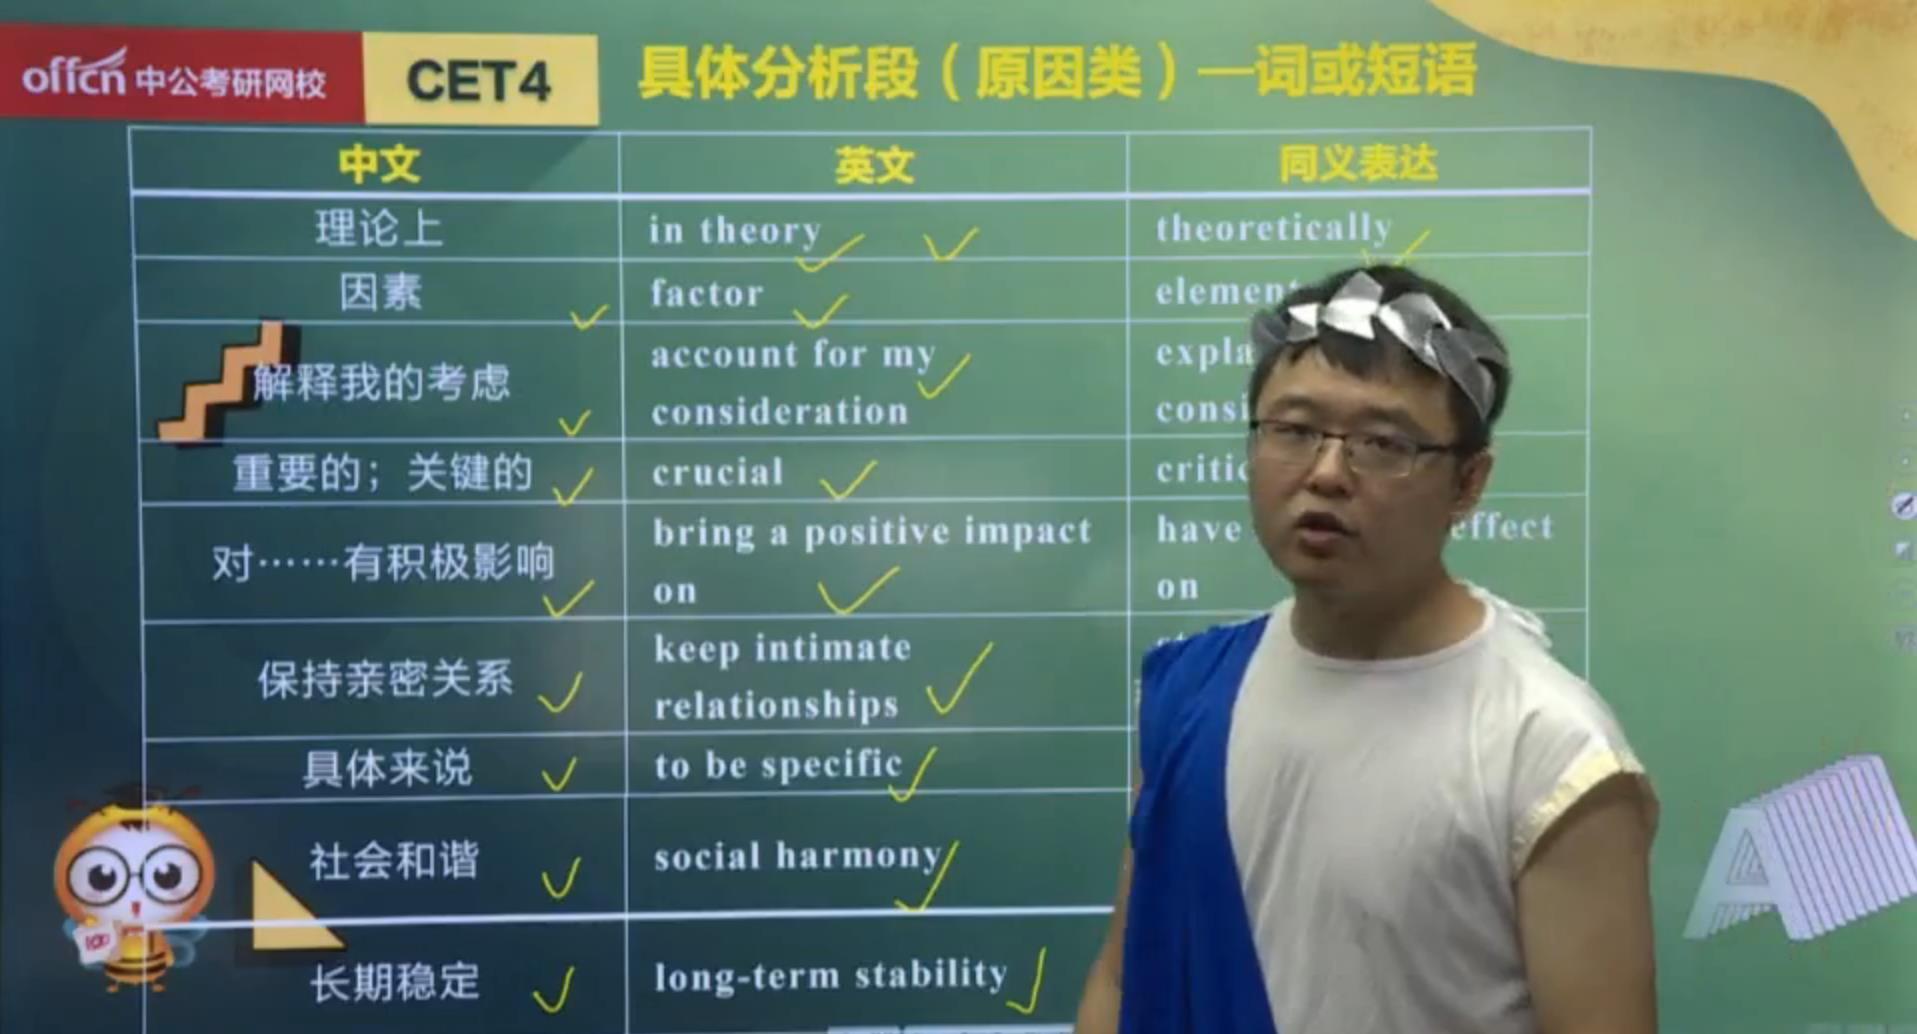 英语早安班随堂练习